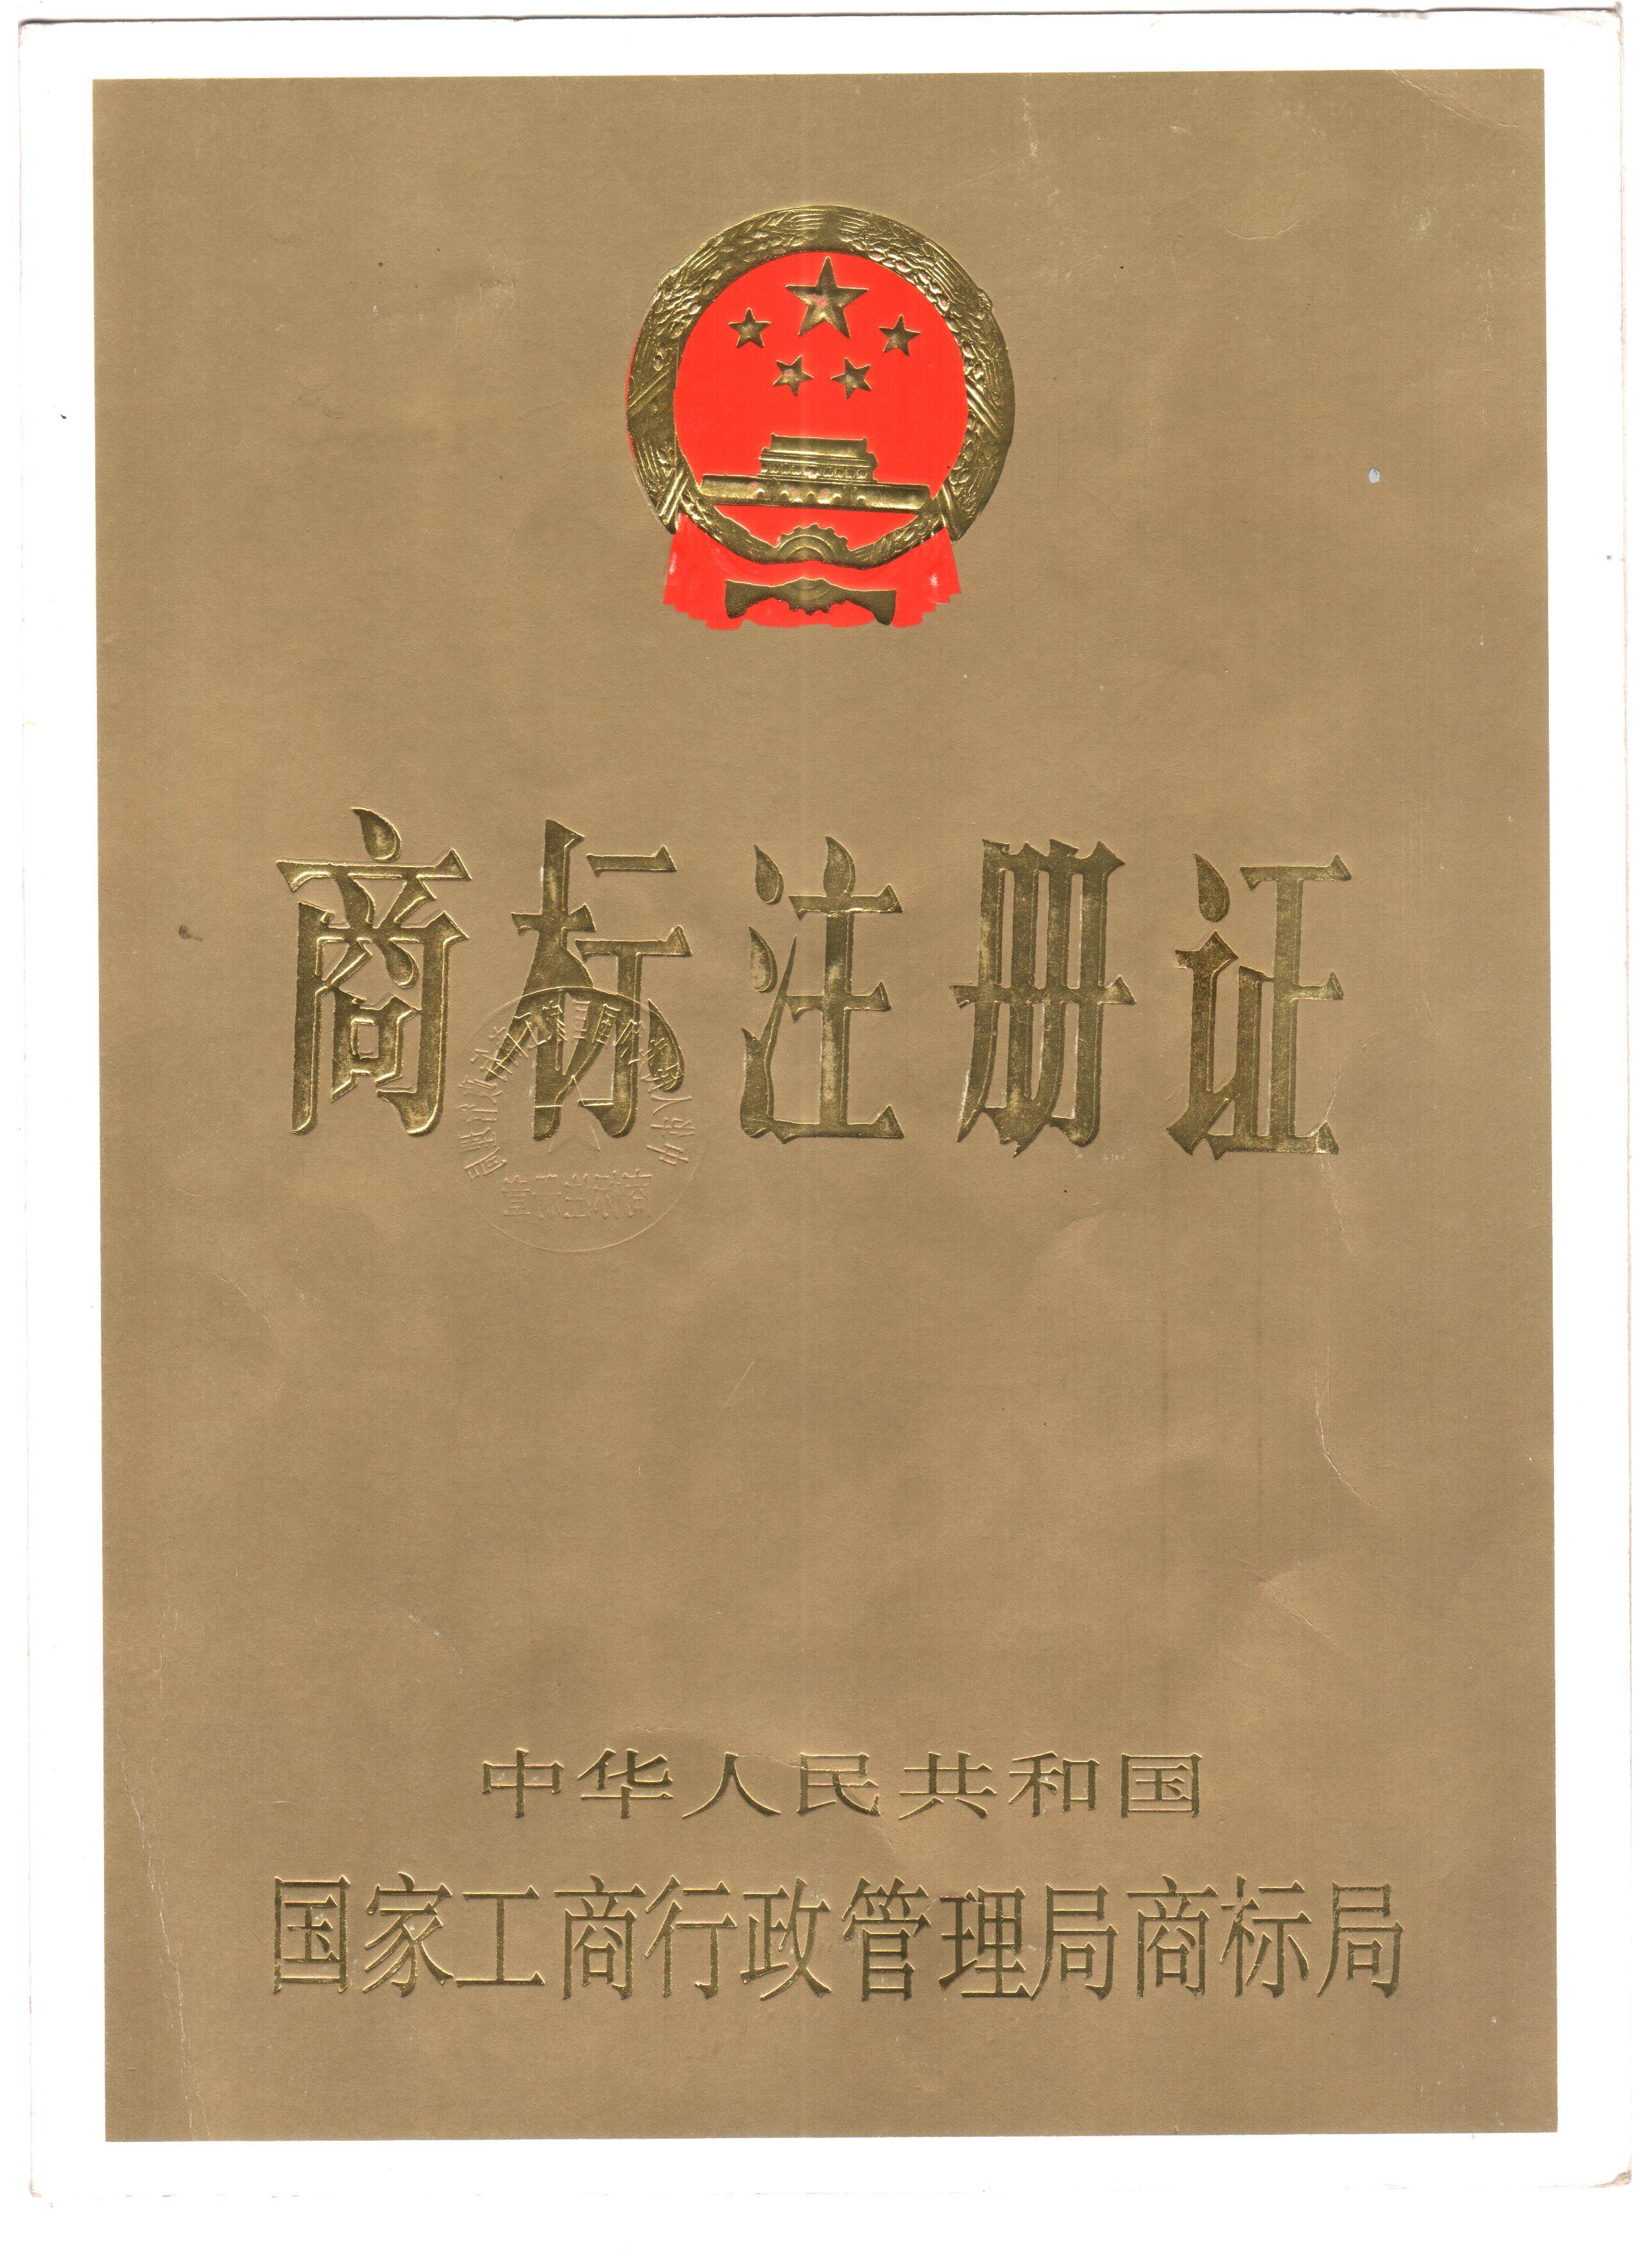 台湾瑞顺注册商标